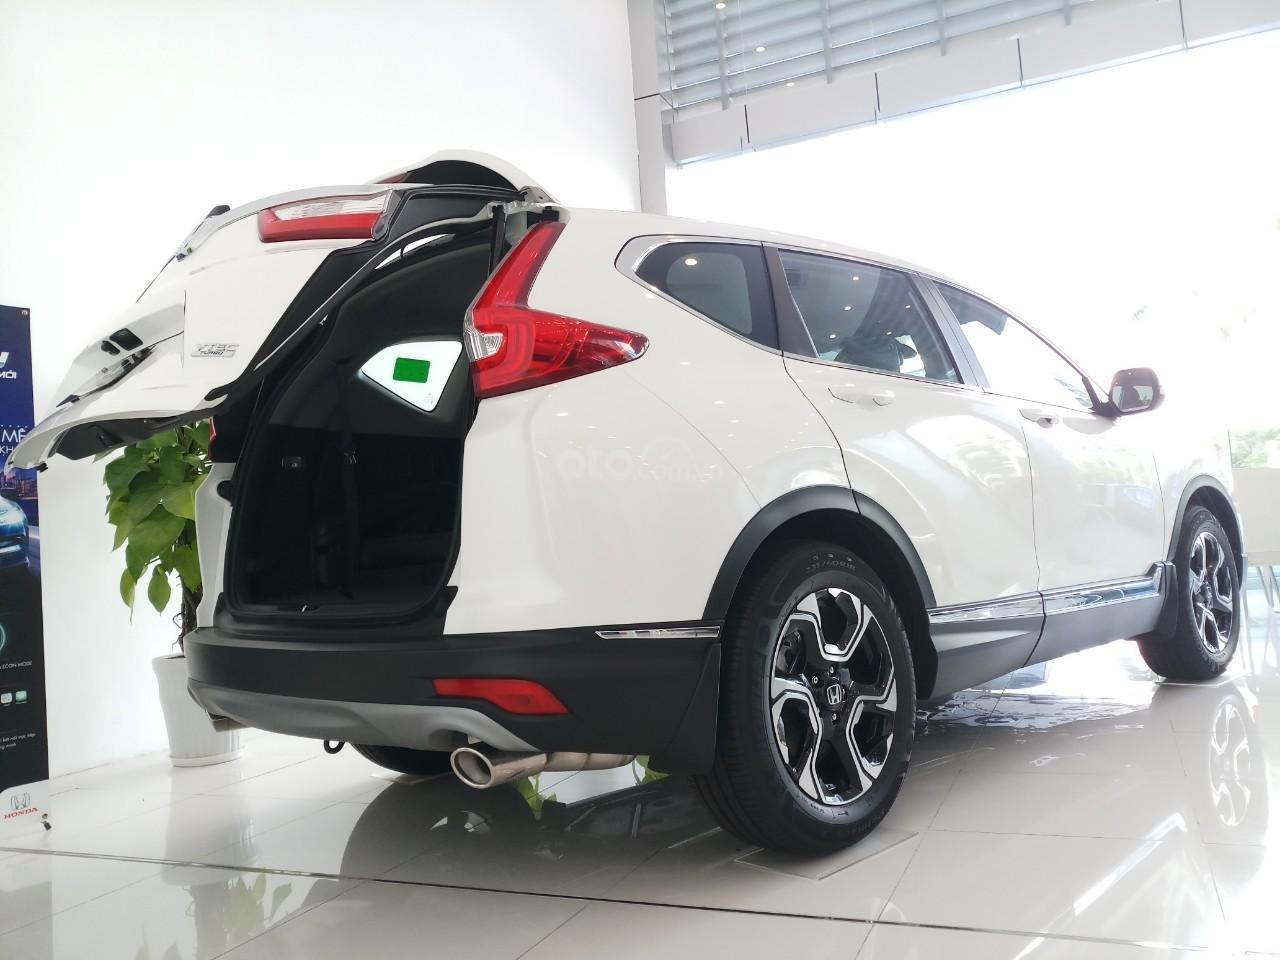 Giao ngay khuyến mại khủng Honda CRV L 2019, màu trắng: Giảm tiền mặt, tặng bảo hiểm và phụ kiện. Lh: 0964099926 (6)